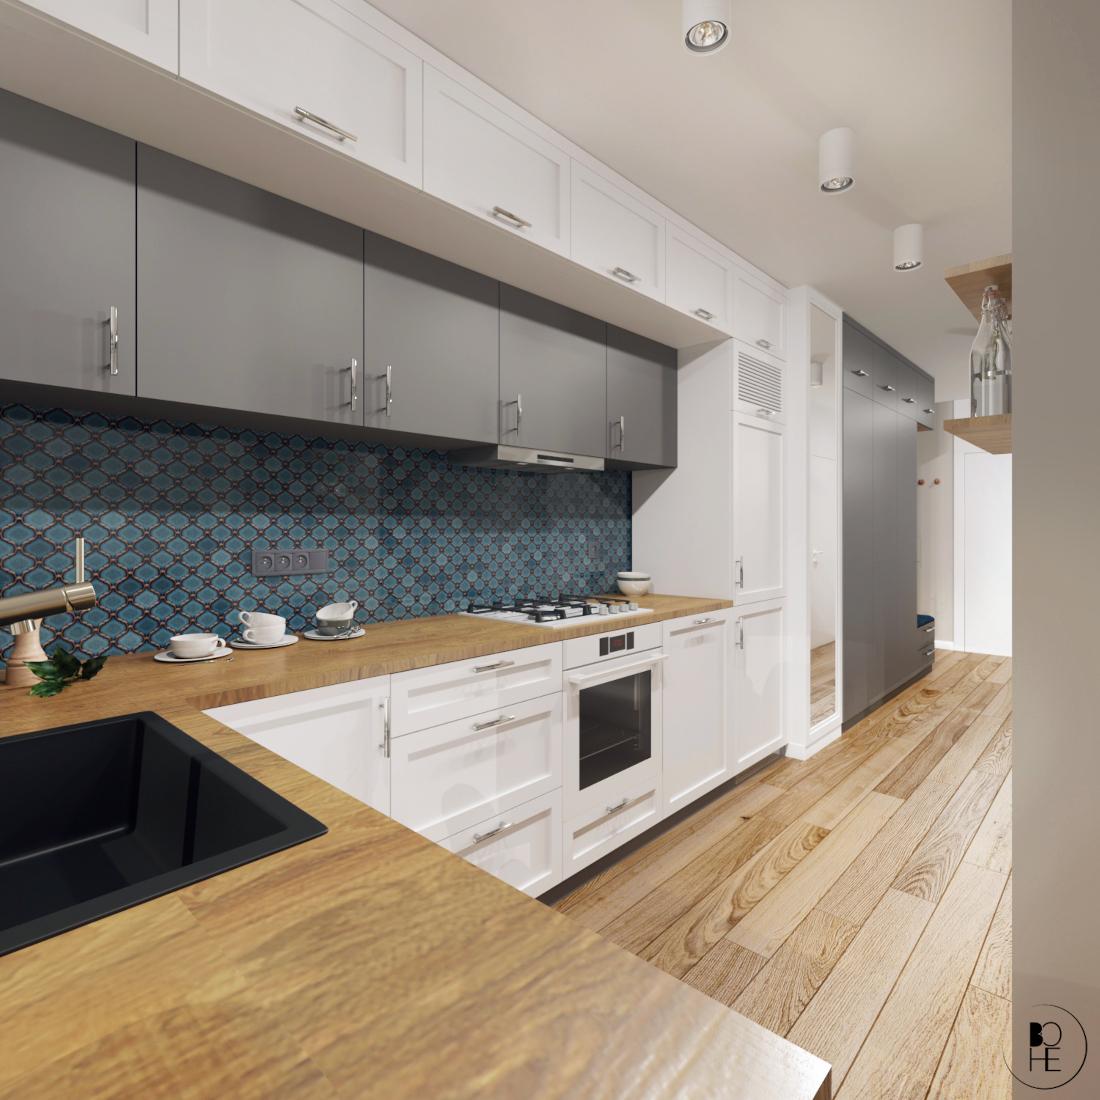 biuro architektoniczne białystok projekt kuchni